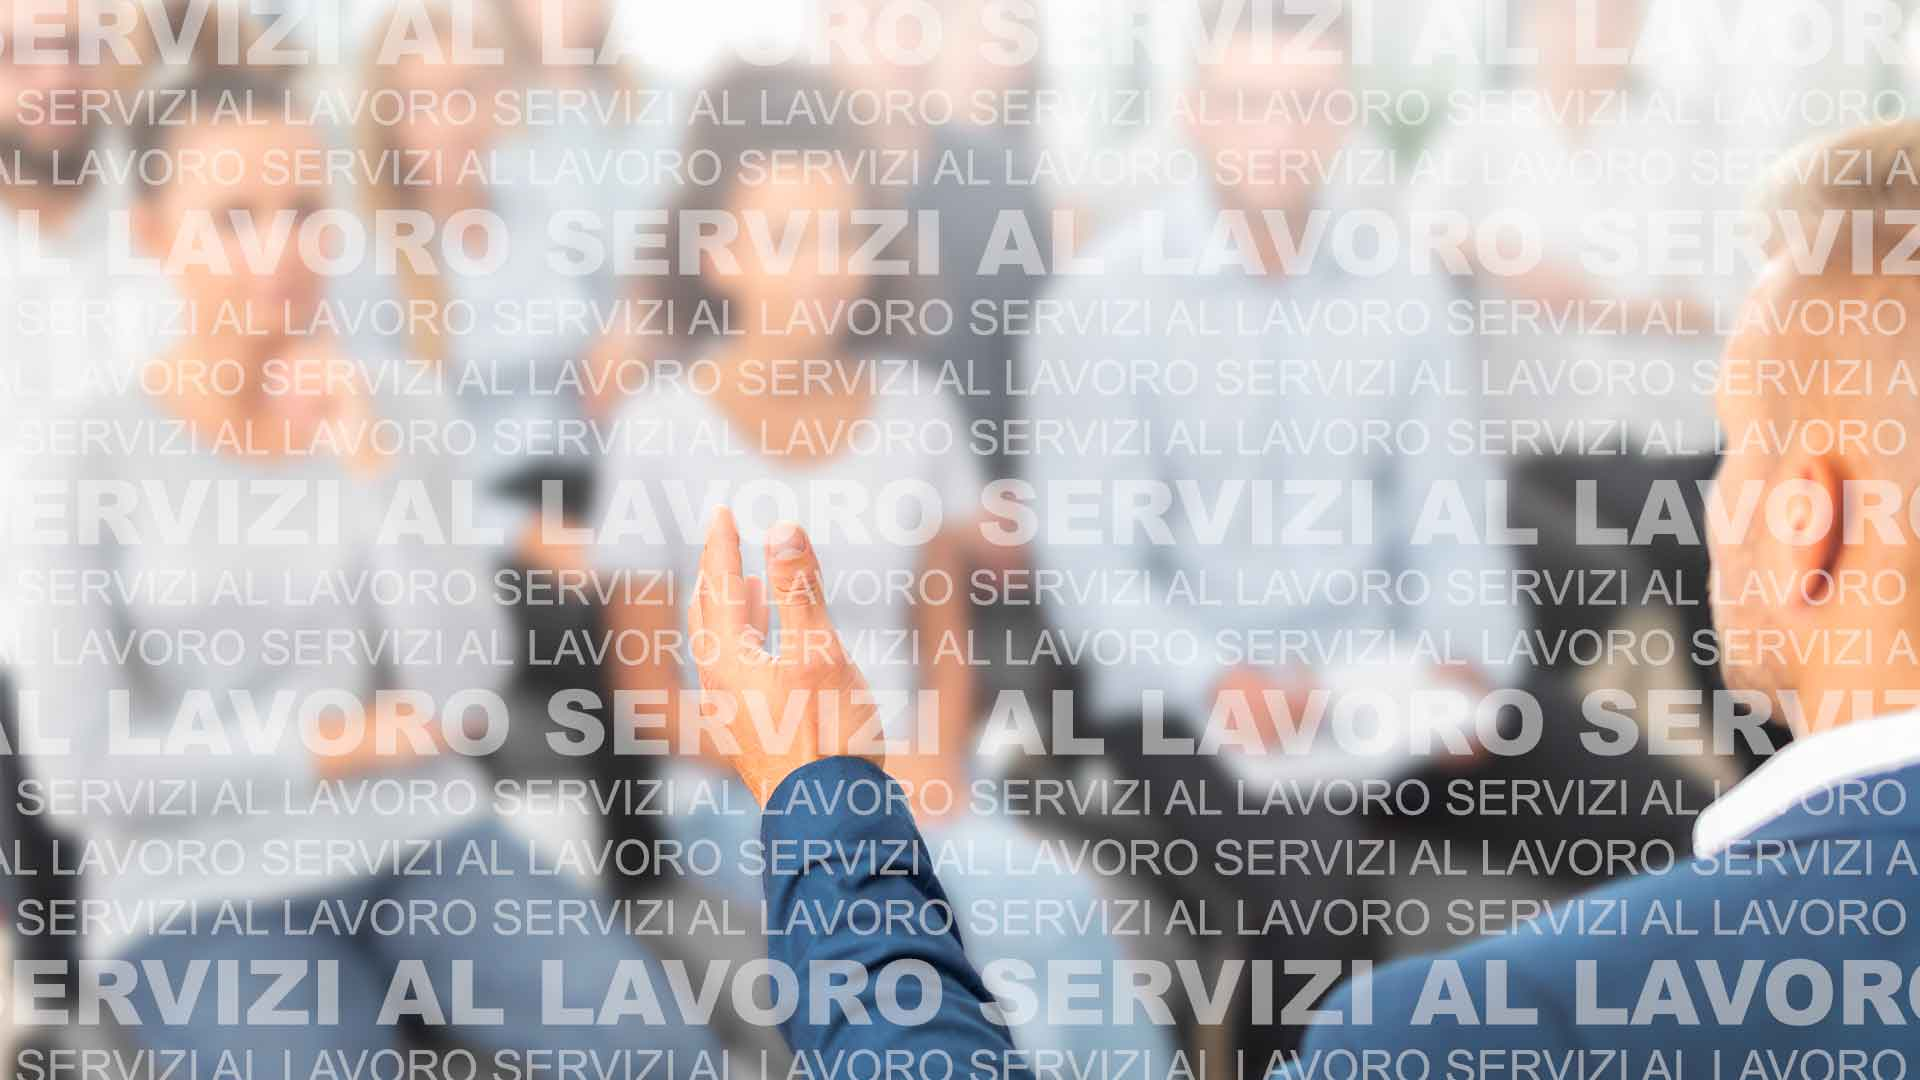 servizi al lavoro corsi di formazione confartigianato verona